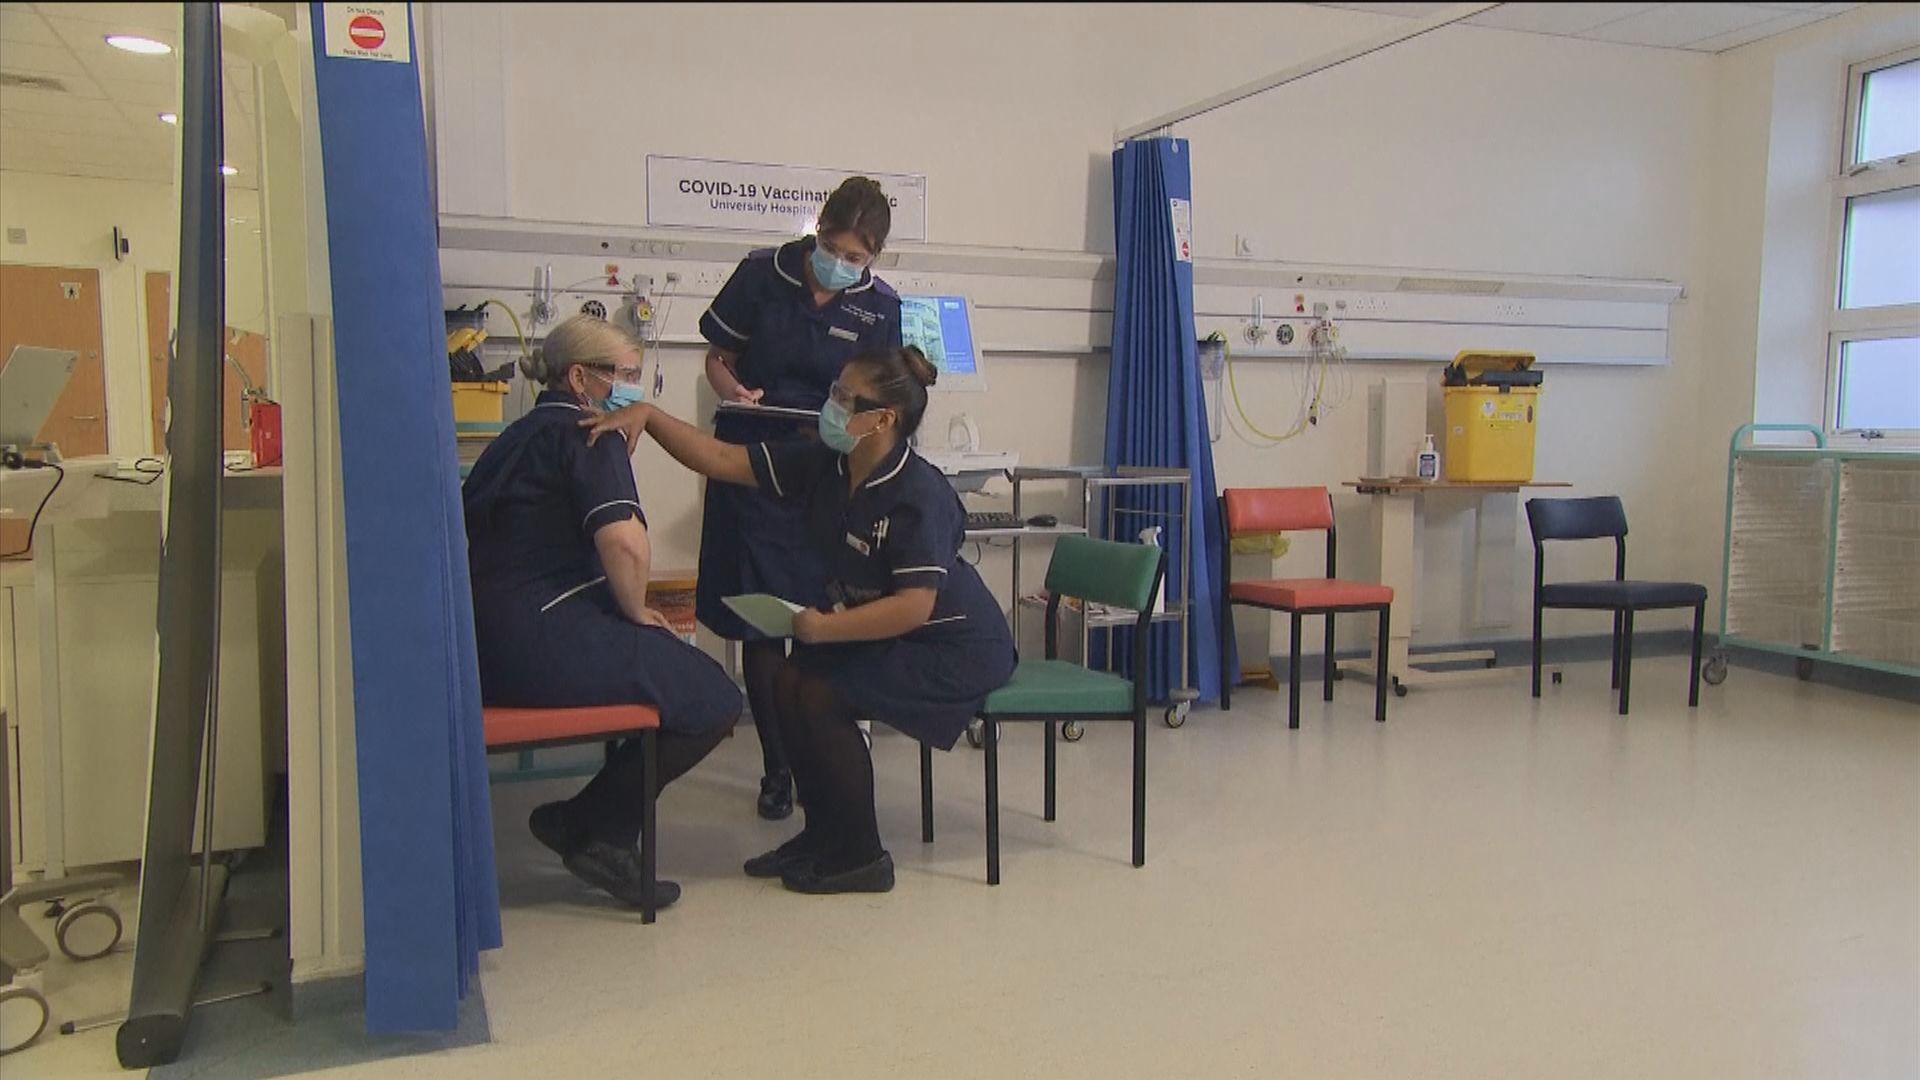 英國周二起為國民大規模注射新冠疫苗